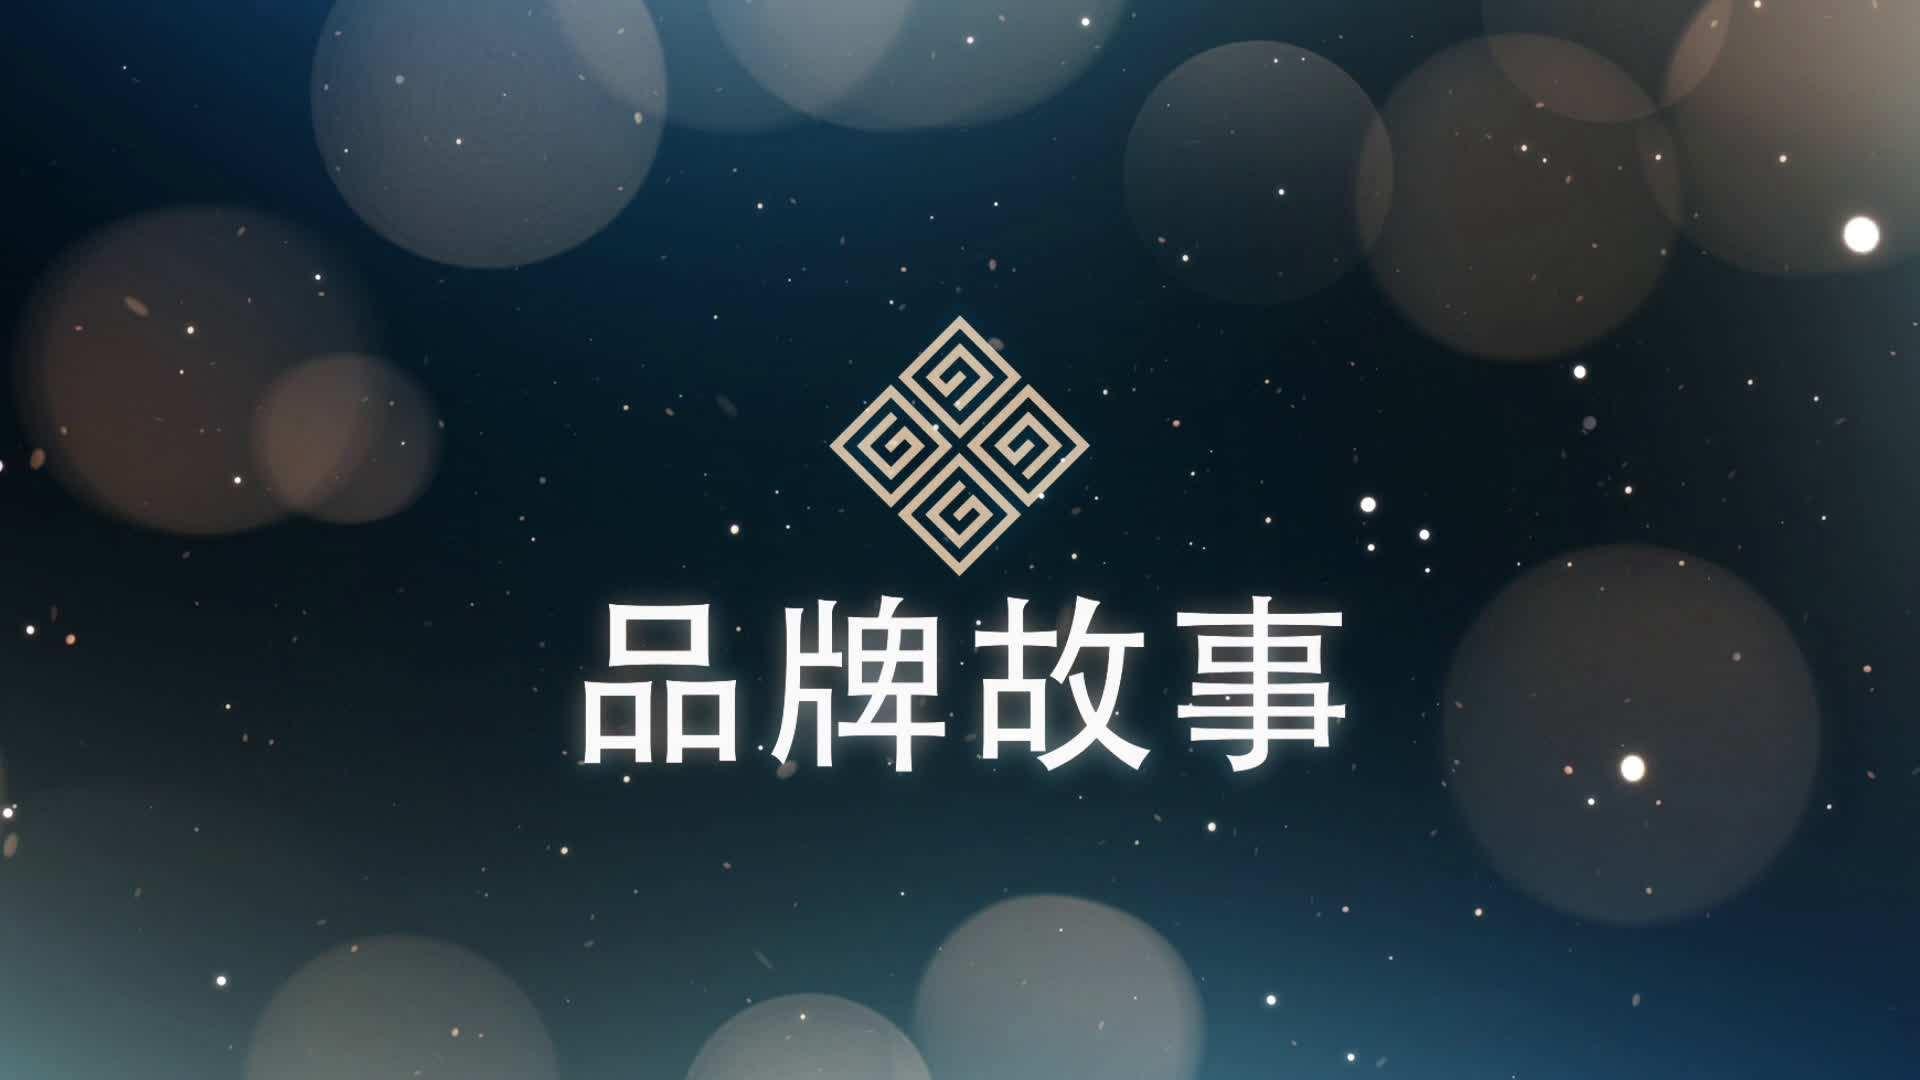 万博安卓版万博手机APP,如何讲好你的万博安卓版故事-上海尚略万博安卓版万博手机APP公司